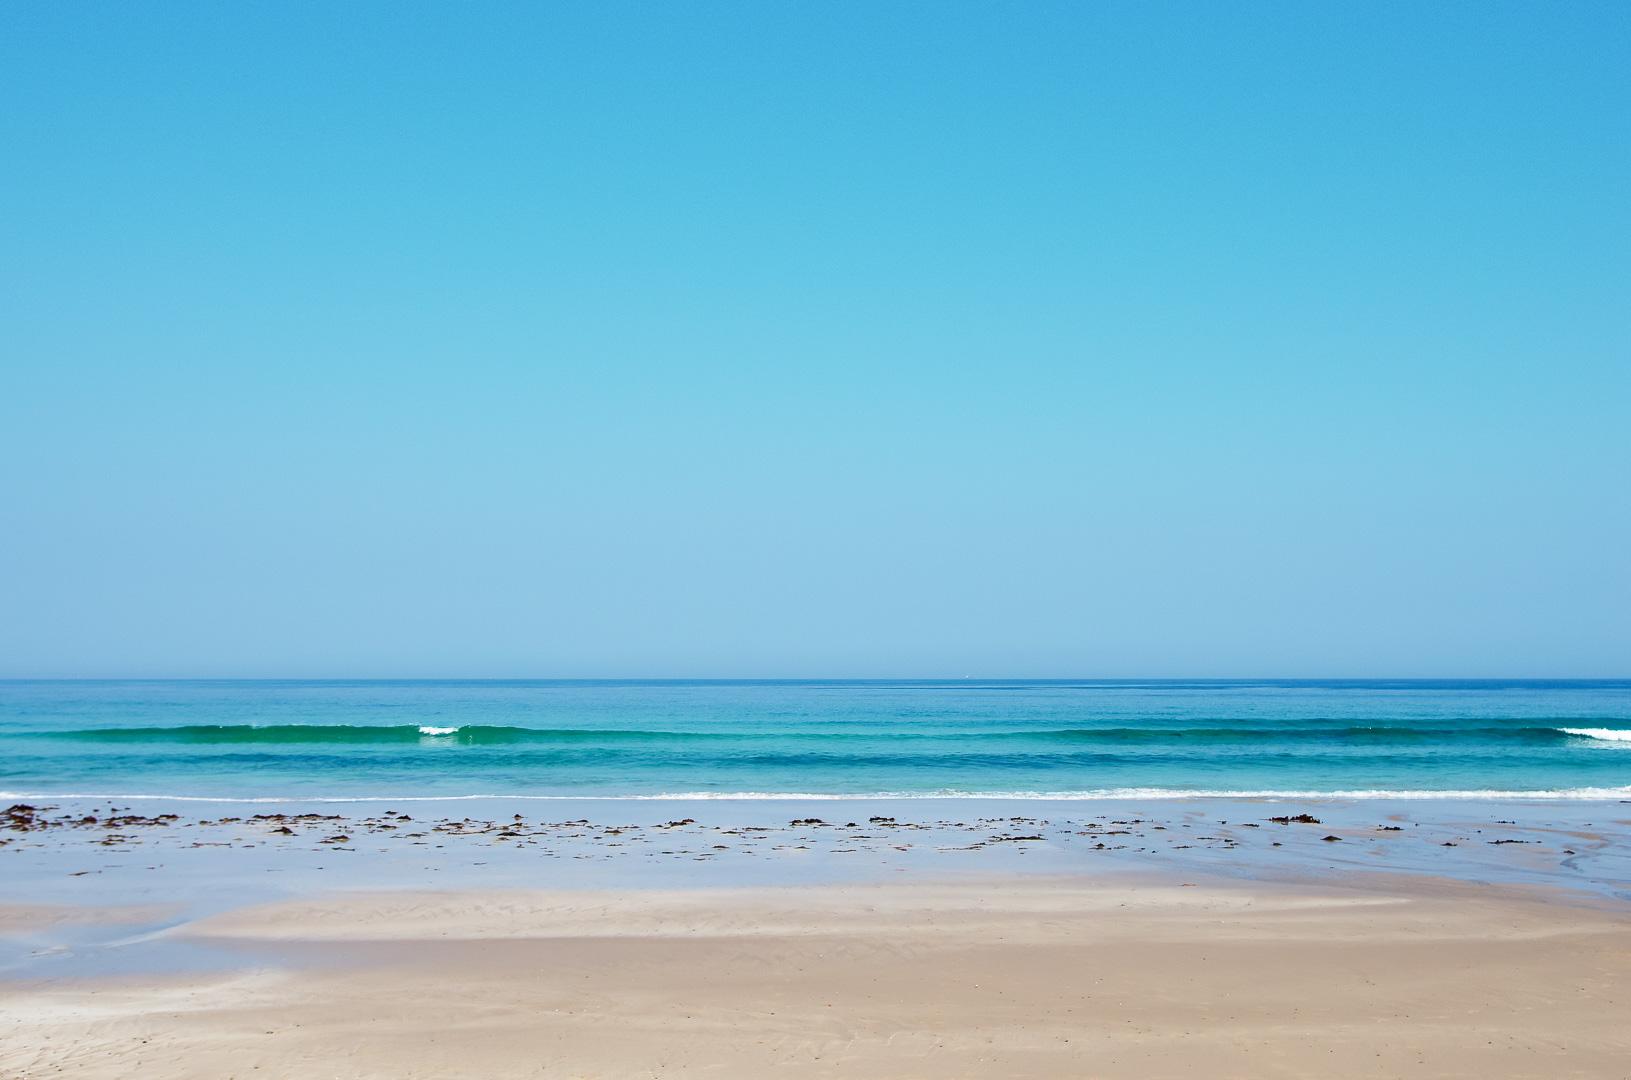 伊豆白浜海岸で撮りました